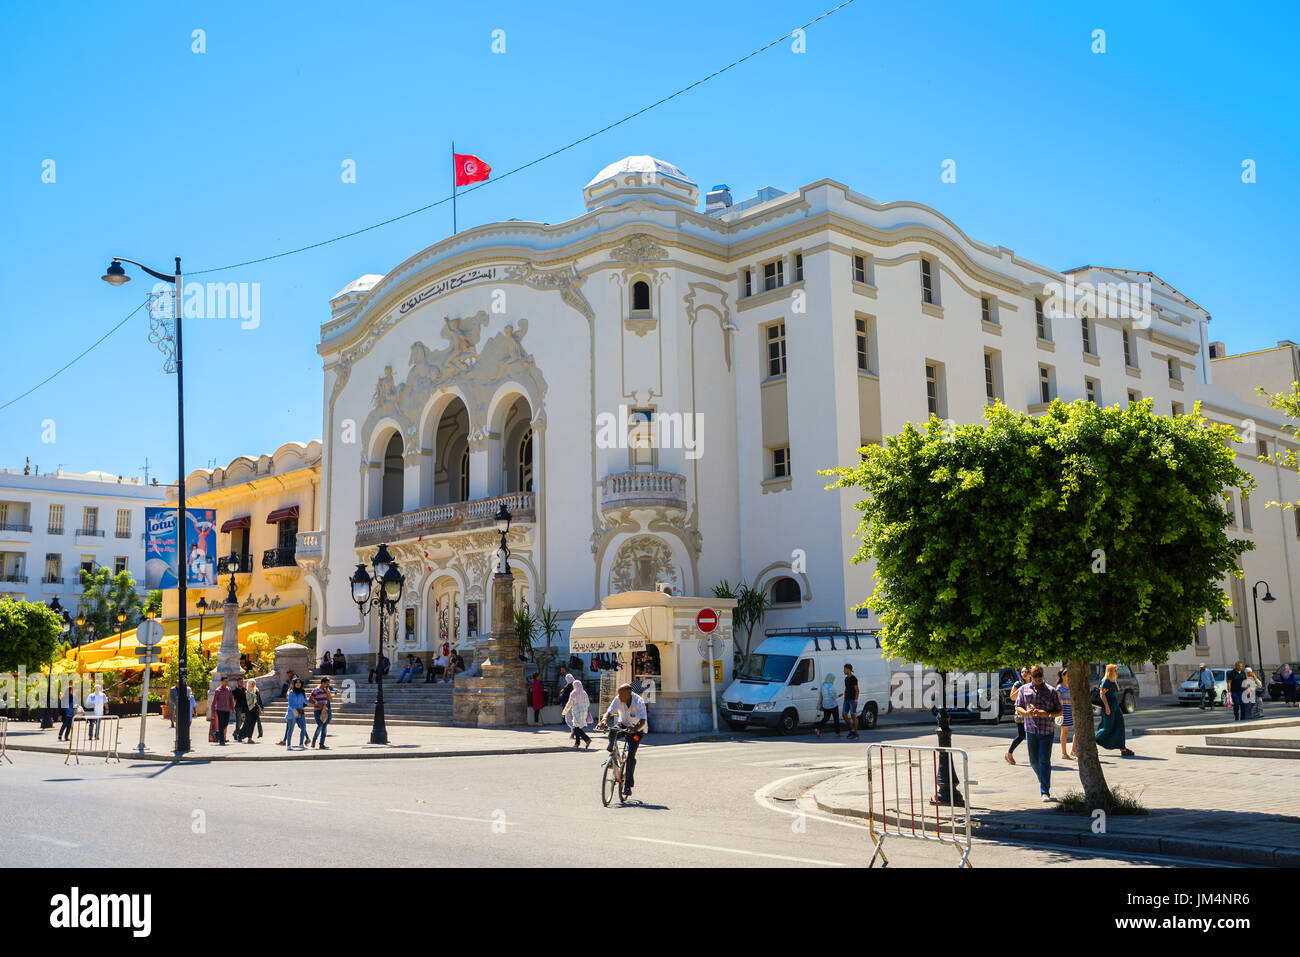 Théâtre National Tunisien dans le centre sur l'avenue Habib Bourguiba. Tunisie,Tunis, en Afrique du Nord Photo Stock